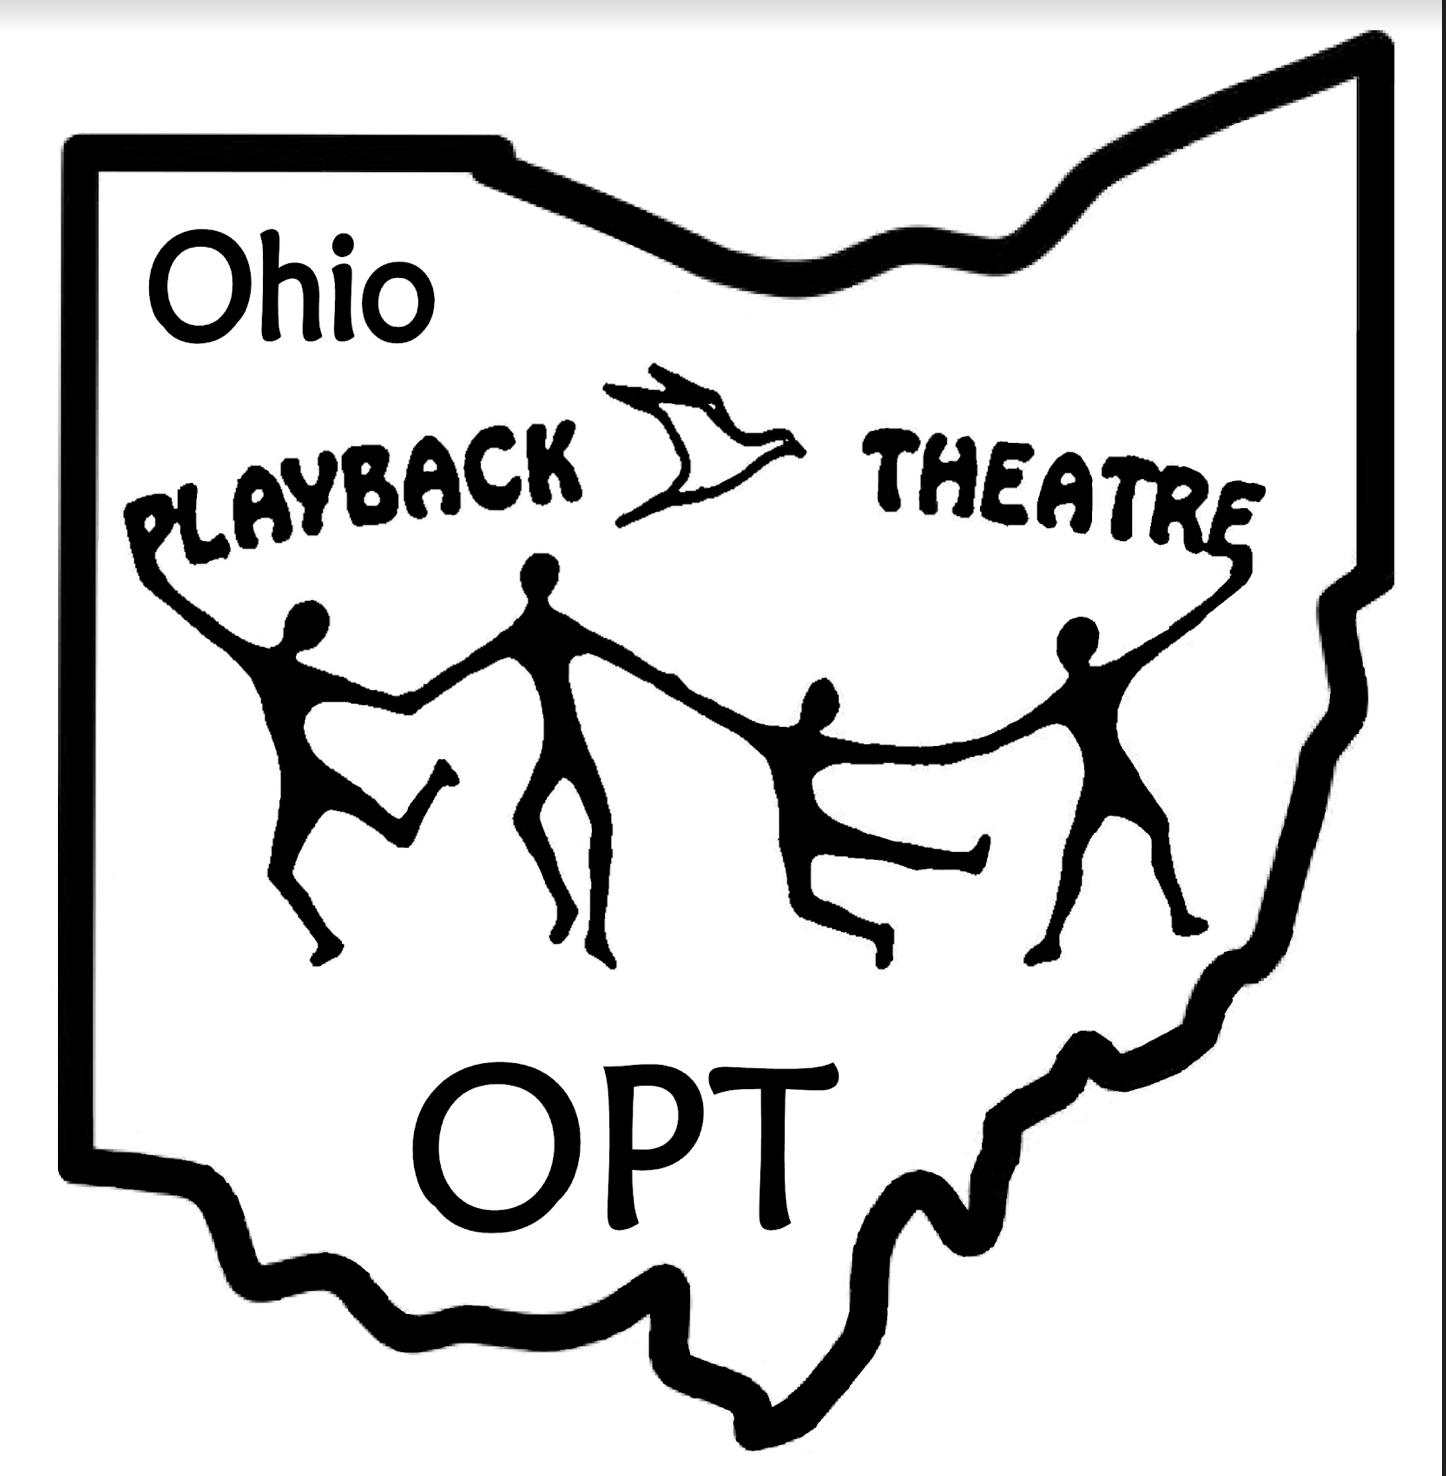 Ohio Playback Theatre, Interactive Performance